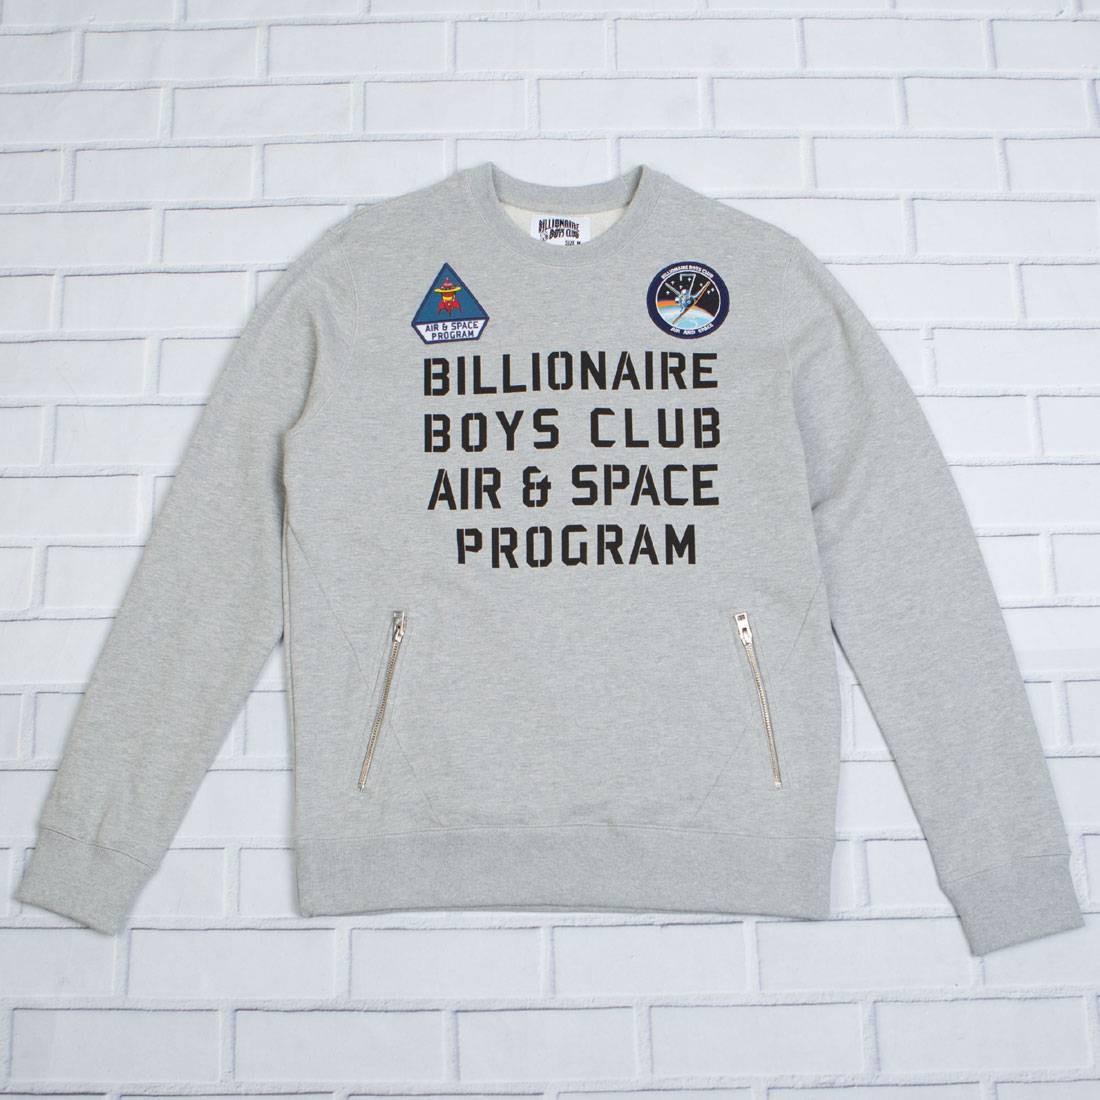 【海外限定】クラブ メンズファッション Tシャツ 【 BILLIONAIRE BOYS CLUB MEN PROGRAM CREW SWEATER GRAY HEATHER 】